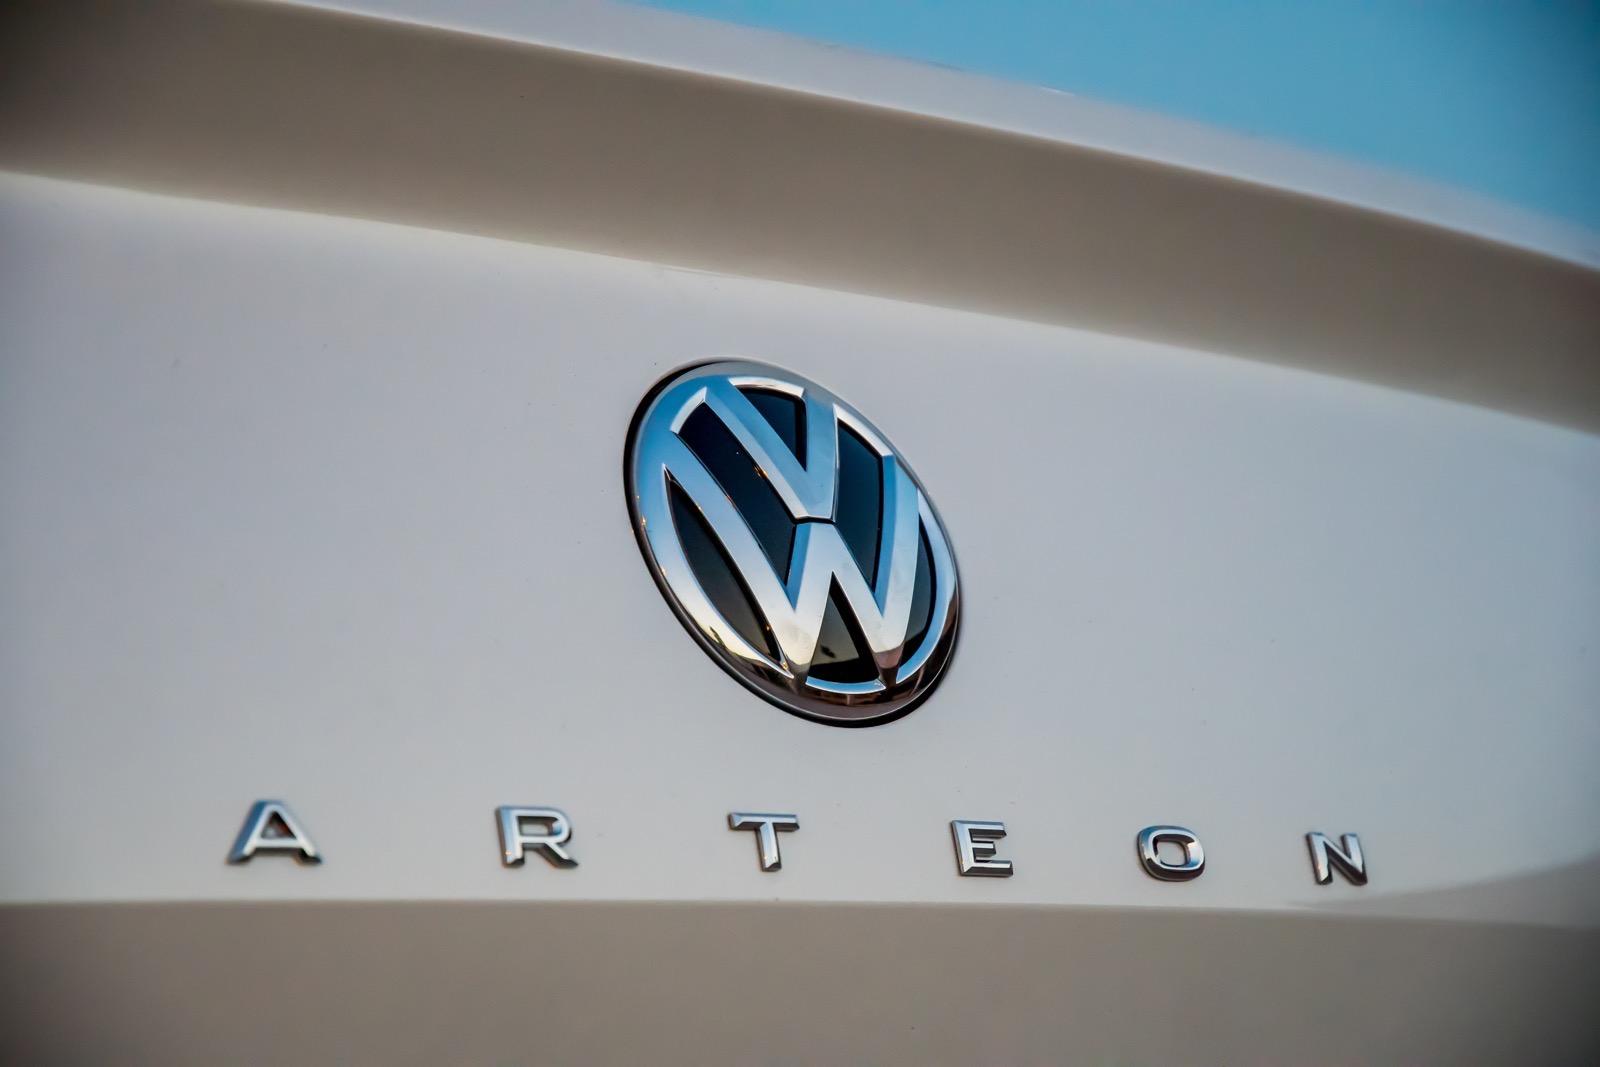 Volkswagen_Arteon_Greek_Presentataion_31